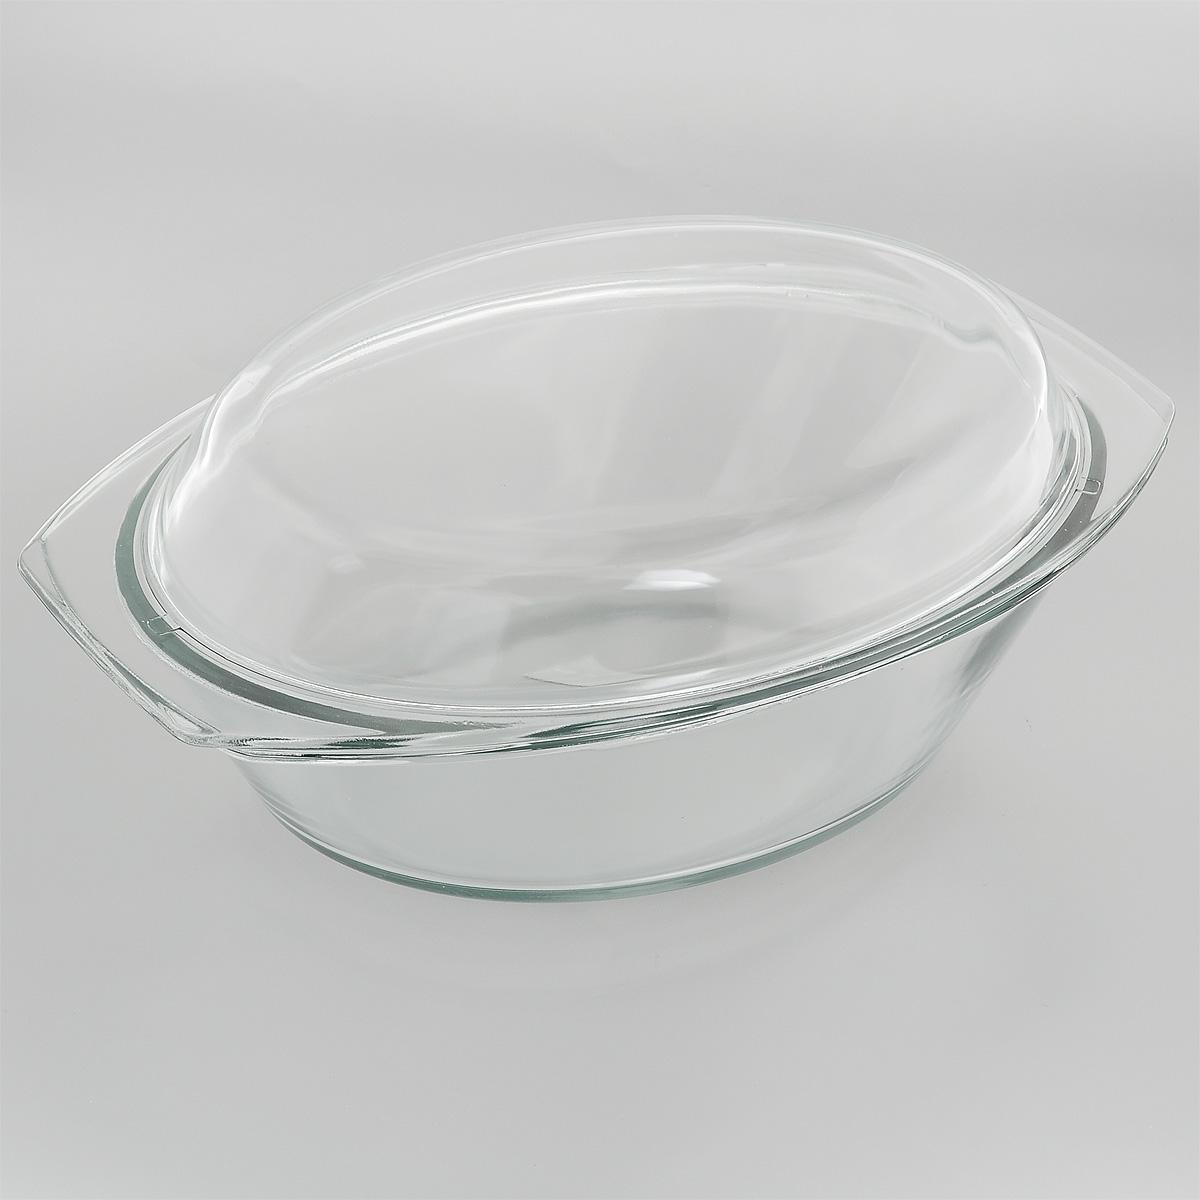 Утятница Mijotex с крышкой, 3 лFS-91909Утятница Mijotex выполнена из жаропрочного стекла. Форма не вступает в реакцию с готовящейся пищей, а потому не выделяет никаких вредных веществ, не подвергается воздействию кислот и солей. Стеклянная посуда очень удобна для приготовления и подачи самых разнообразных блюд. Стекло выдерживает температуру от - 40°C до +400°C. Благодаря прозрачности стекла, за едой можно наблюдать при ее приготовлении, еду можно видеть при подаче, хранении. Используя эту форму, вы можете, как приготовить пищу, так и изящно подать ее к столу, не меняя посуды. Крышка выполнена из стекла и может быть использована также отдельно для приготовления и подачи различных блюд.Форма может быть использована в духовке, микроволновой печи и морозильной камере. Можно мыть в посудомоечной машине.Размер утятницы: 34 см х 20,5 см х 9 см.Размер крышки: 35 см х 21 см х 4,5 см.Высота утятницы (с учетом крышки): 13 см.